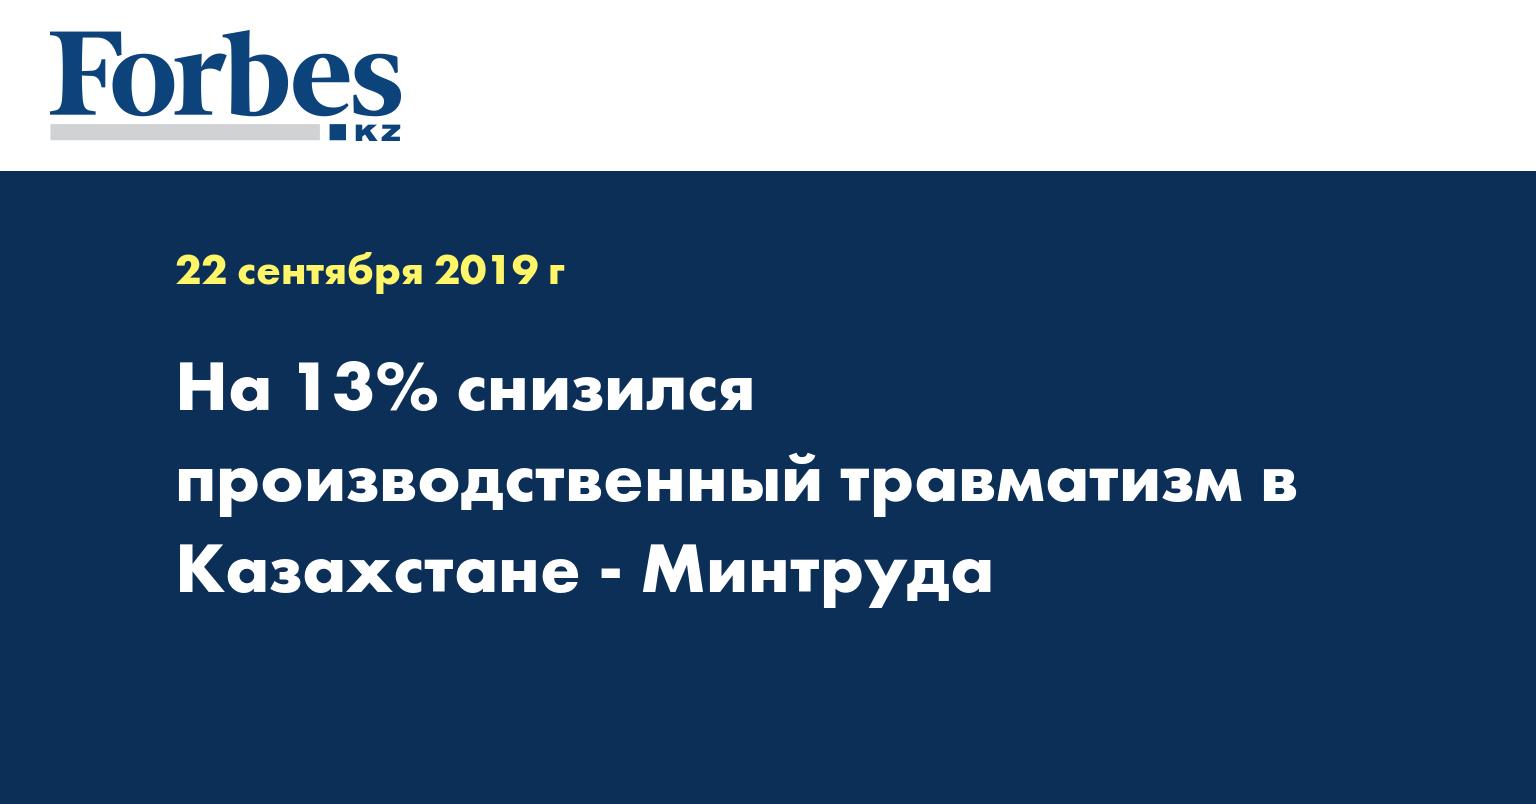 На 13% снизился производственный травматизм в Казахстане - Минтруда